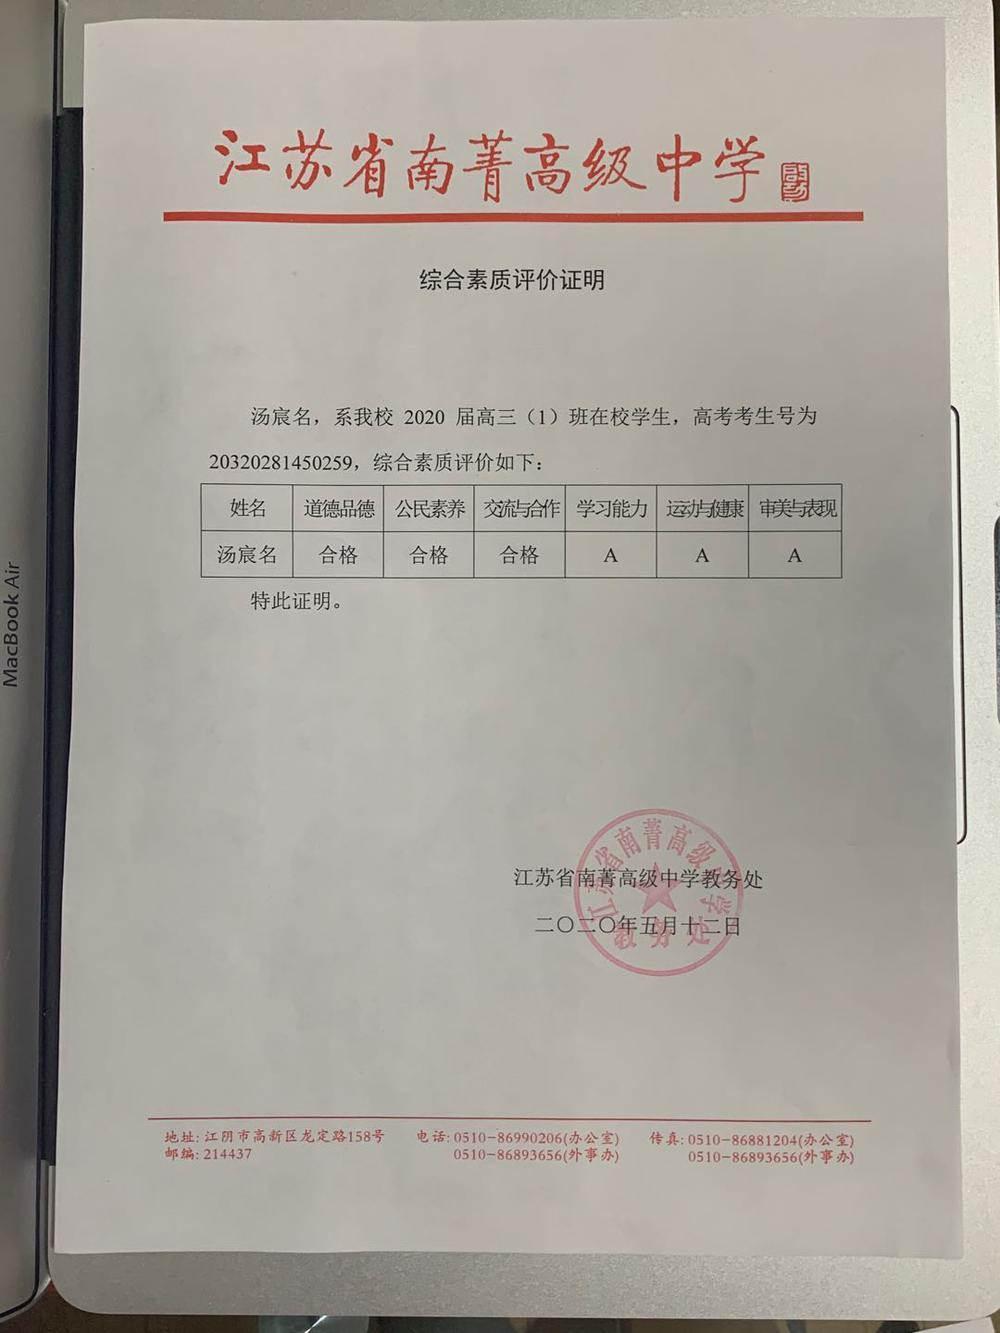 南菁中学综合素质评价证明.jpg